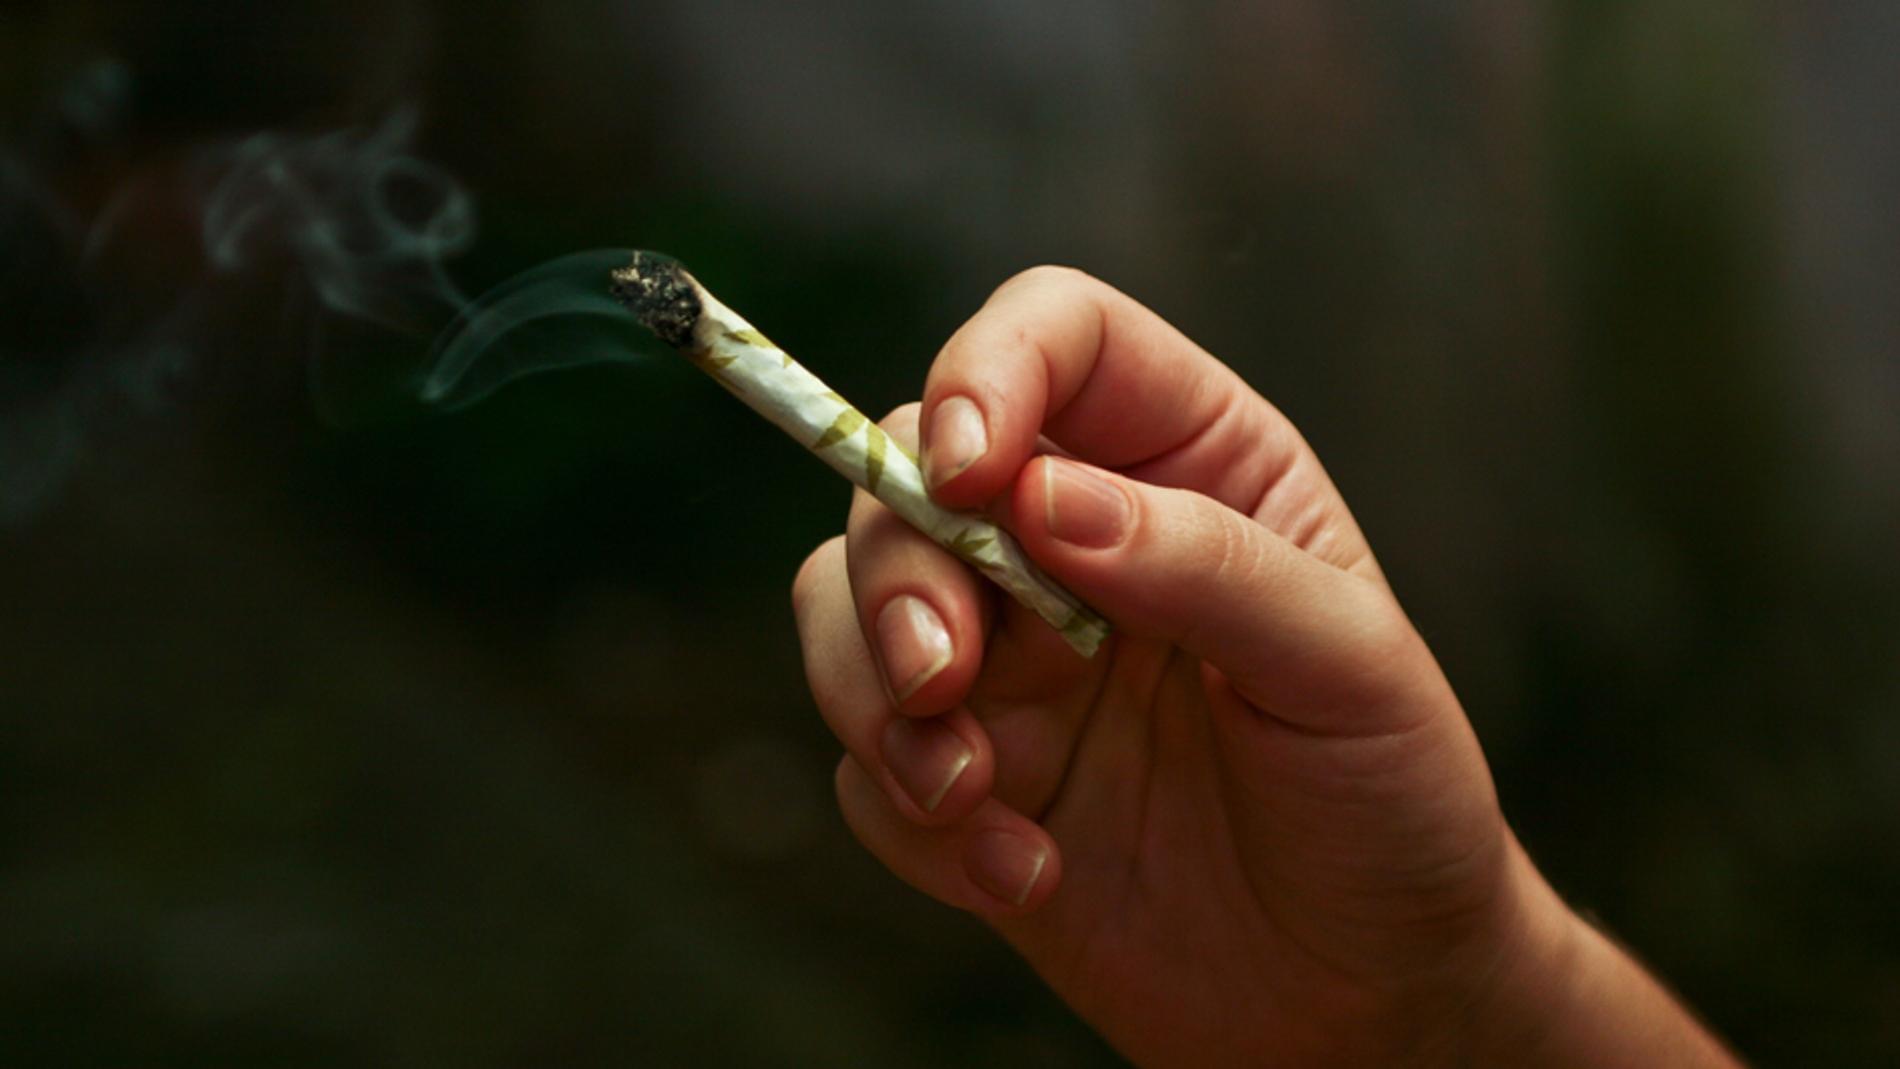 Una persona sujeta un cigarrillo de cann